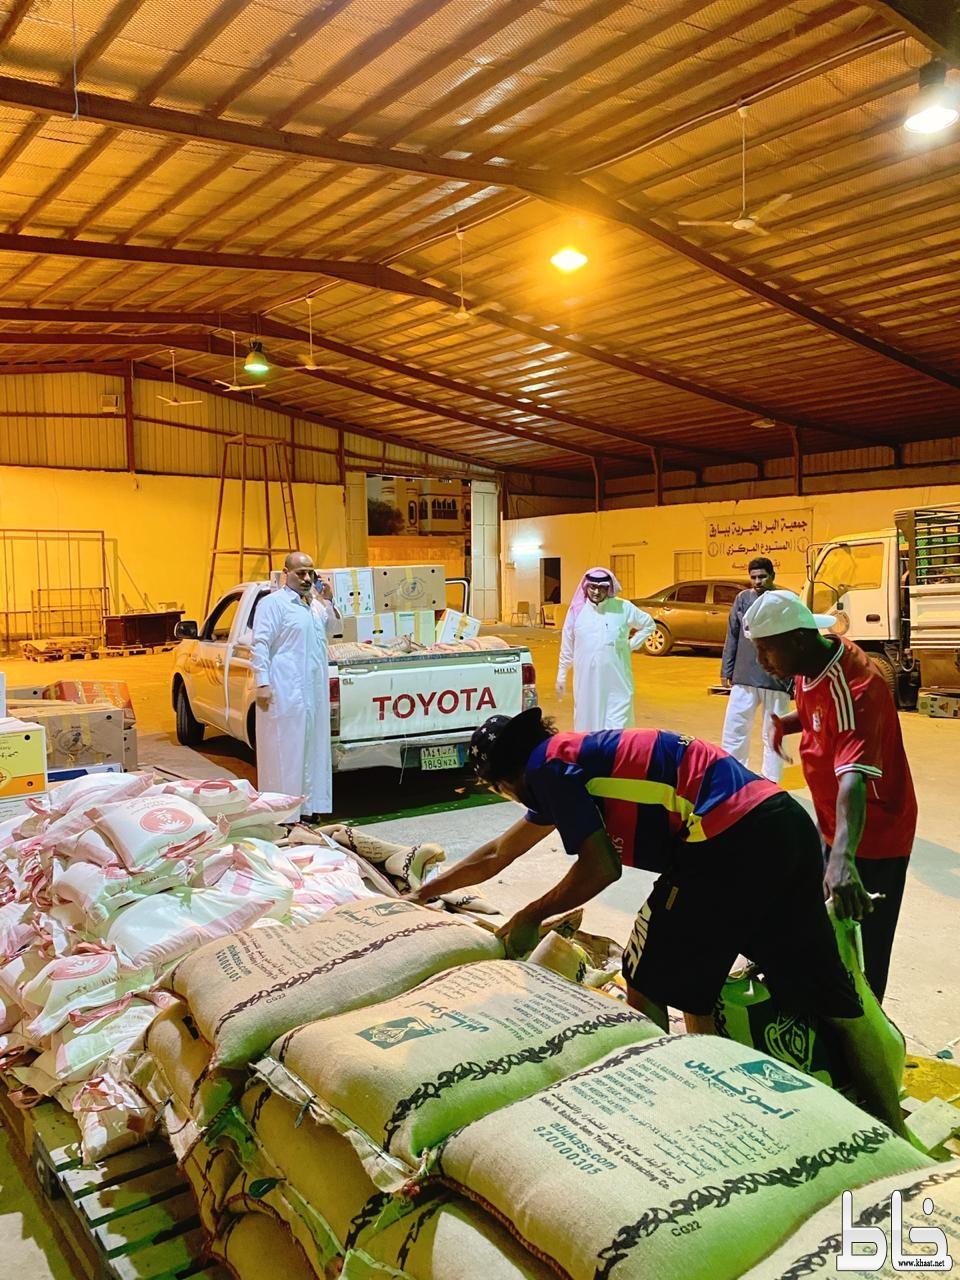 جمعية البر ببارق تواصل توزيع السلال الرمضانية لكافة مستفيديها